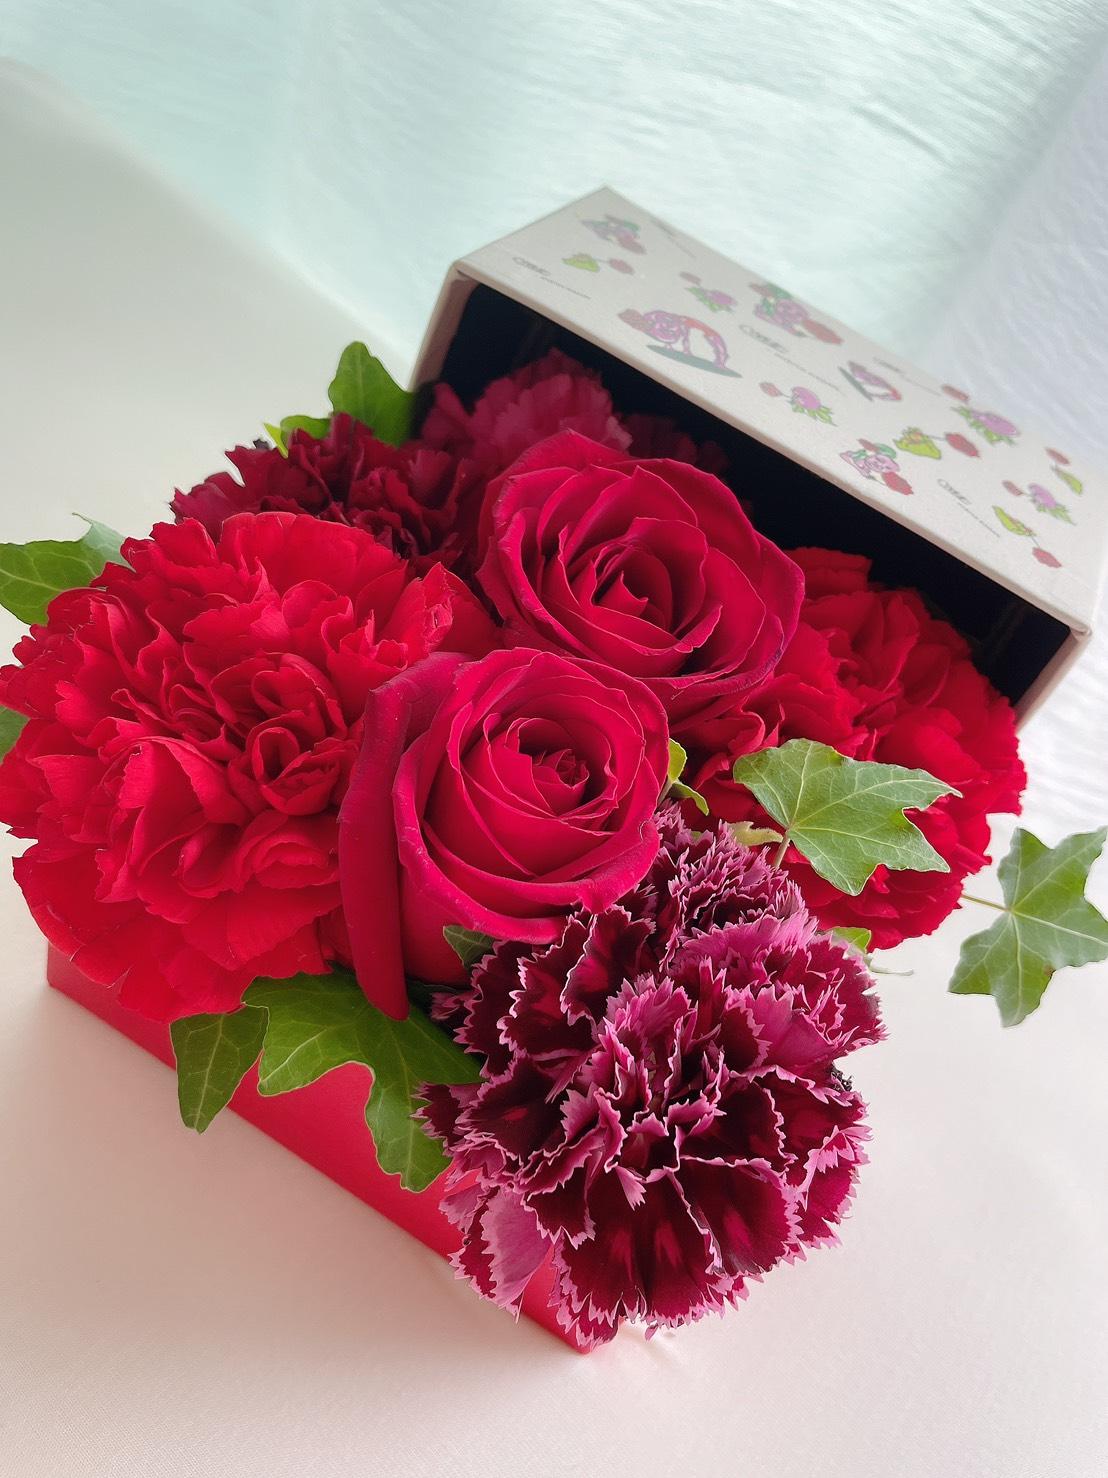 【野性爆弾くっきー!×HIBIYA-KADAN】母の日にオススメ!くっきー!と一緒に花のある暮らしを楽しもう!!_1